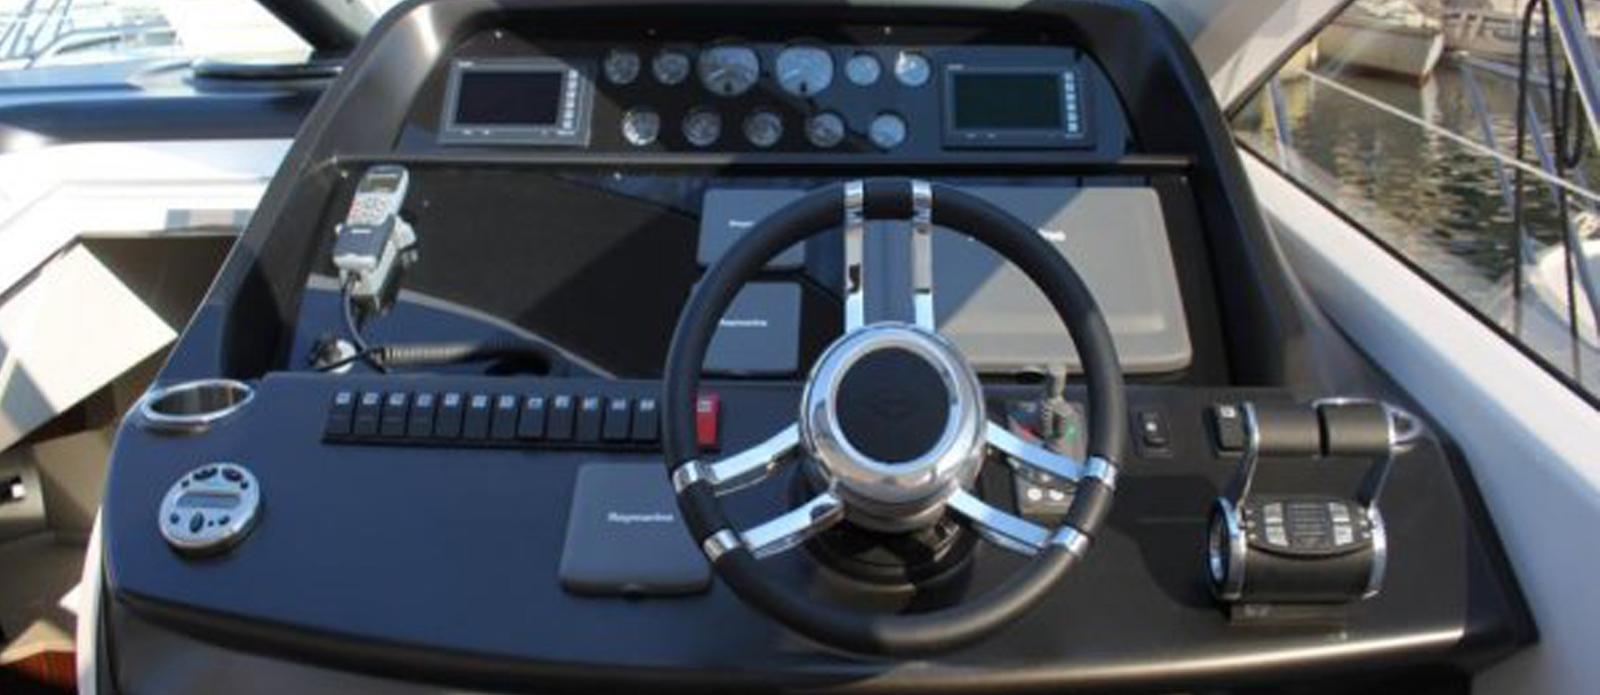 Sunseeker-Predator-60-KUSHTI-Helm